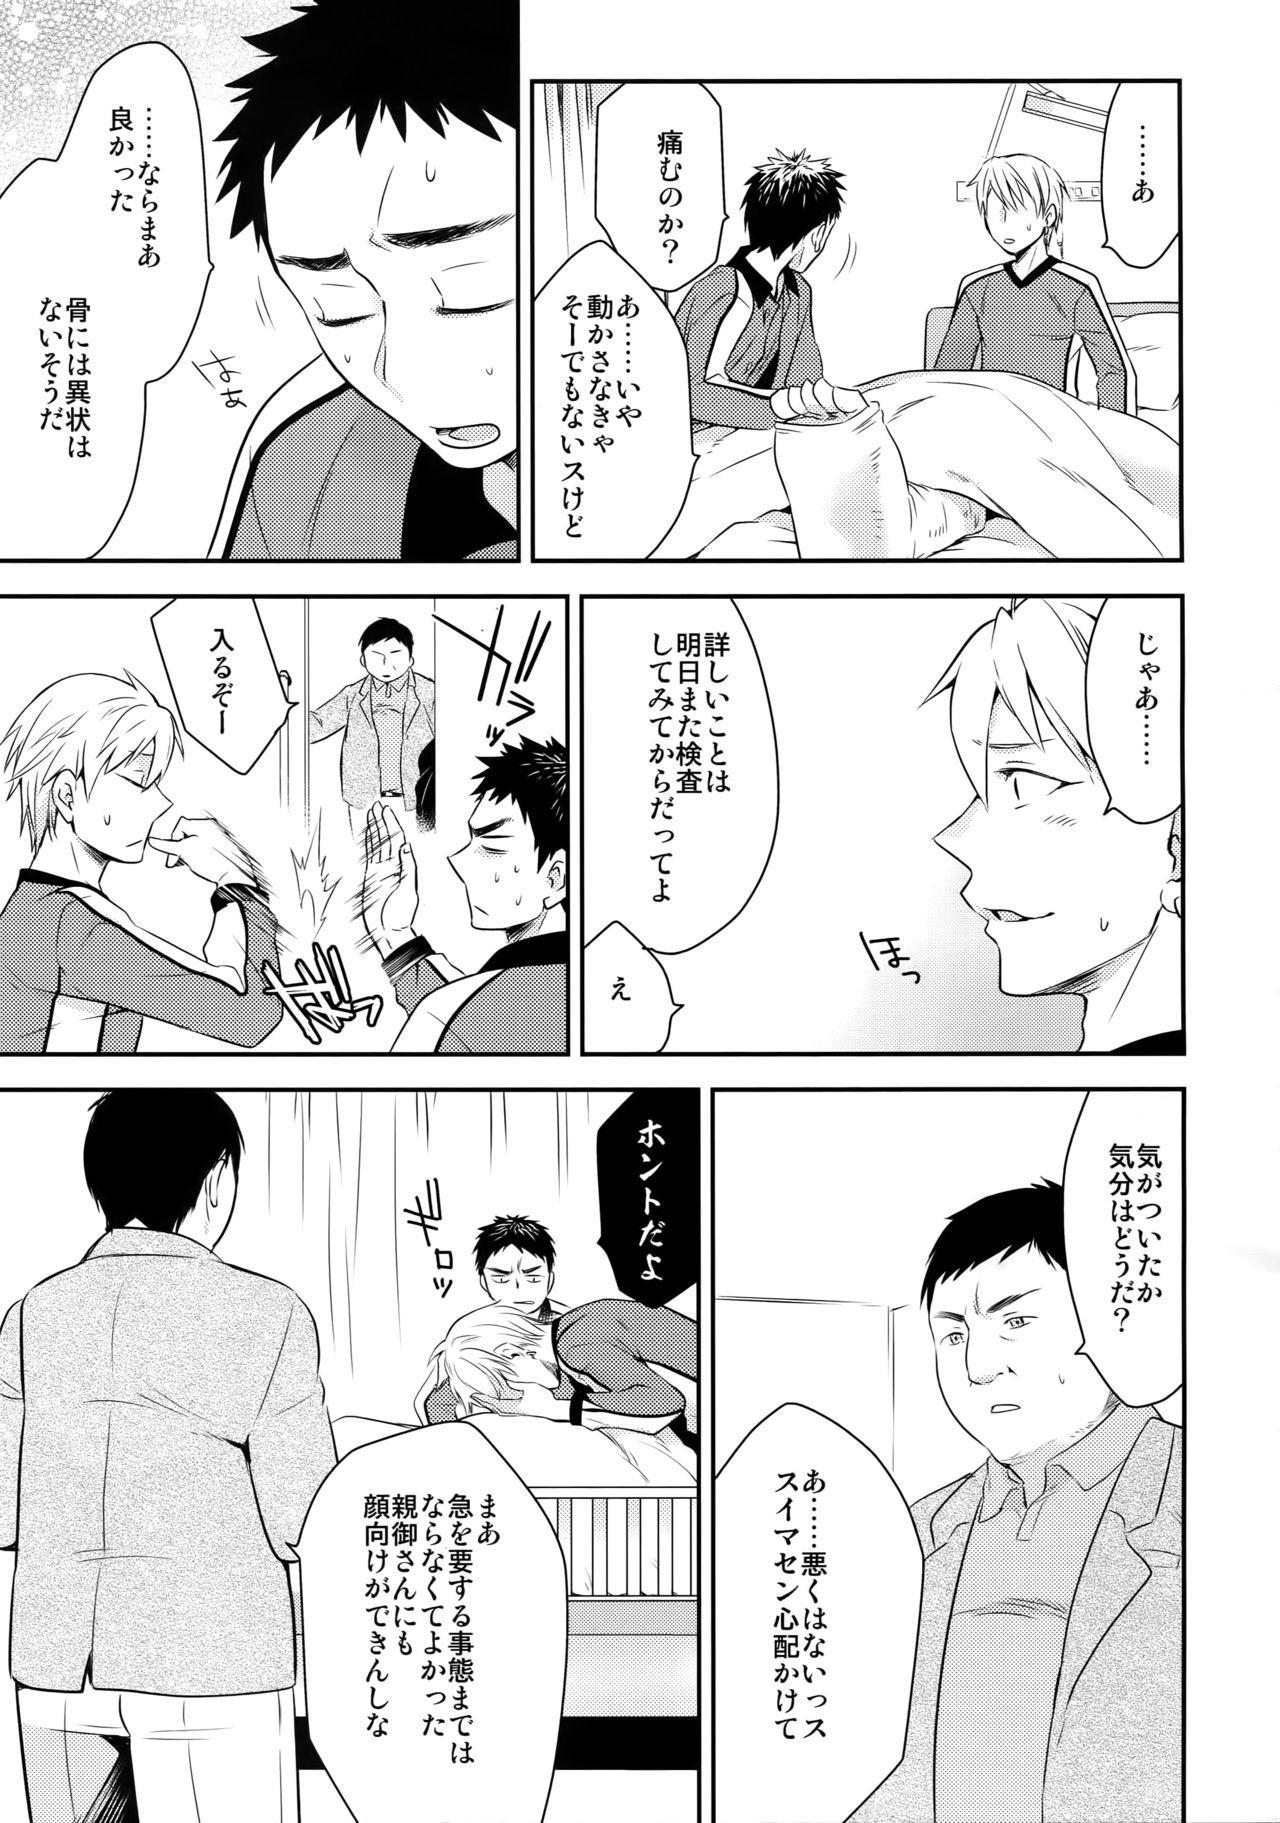 [Bakuchi Jinsei SP (Satsuki Fumi)] Kanpeki Kareshi to Zettai Ryouiki Ouji-sama - Another Version - (Kuroko no Basket) 127